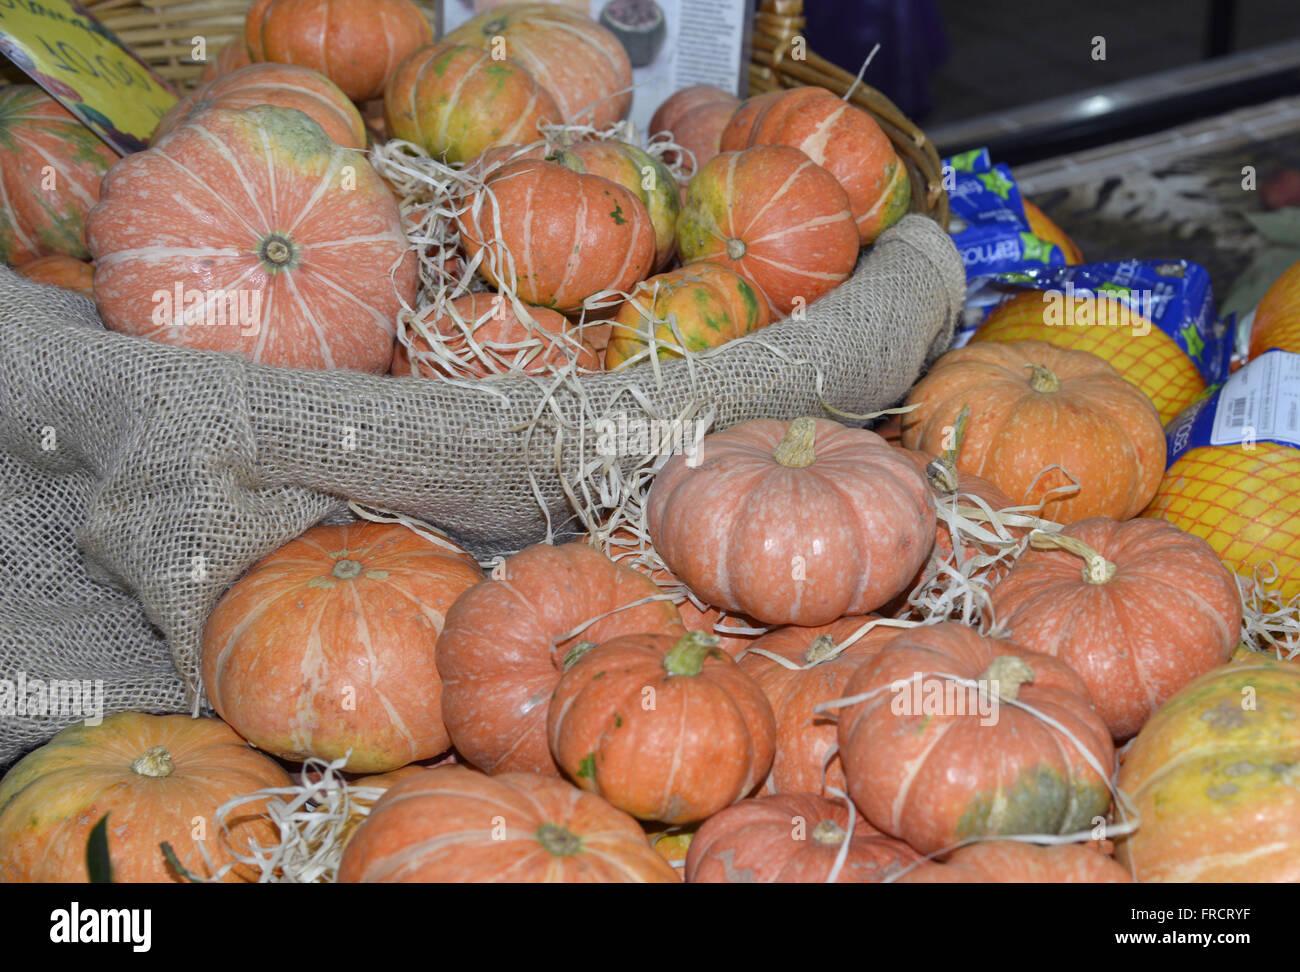 Pumpkin-courges et melons pour la vente au marché de la ville Photo Stock